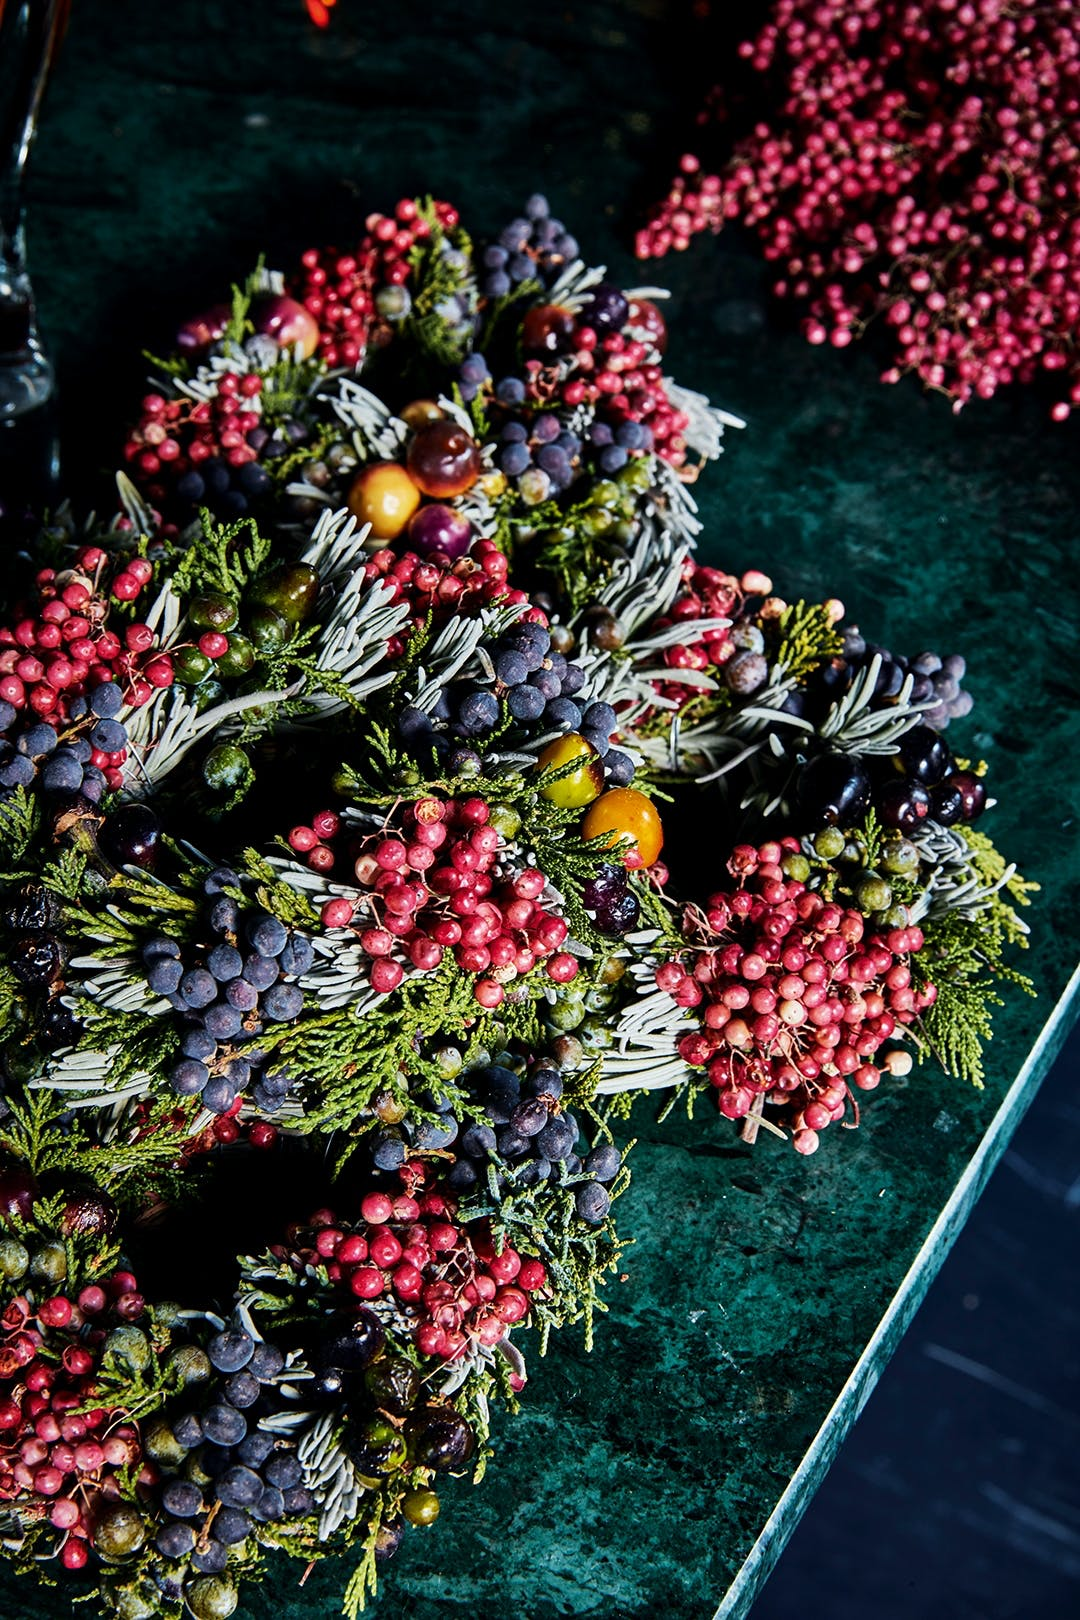 adventskrans jul krans pynt julepynt juledekoration